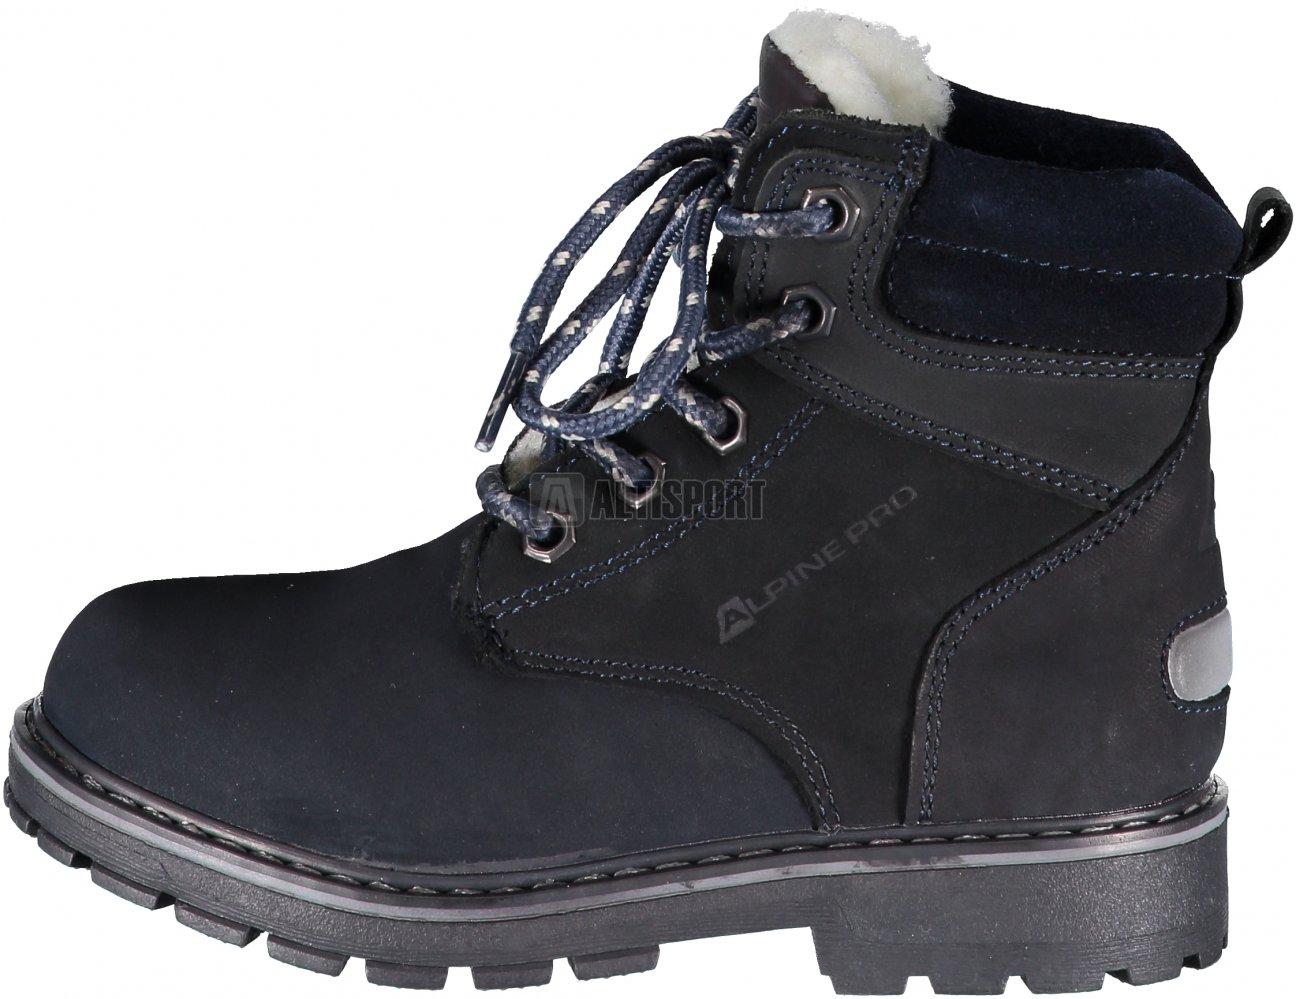 Dětské kotníkové boty ALPINE PRO JINNY KBTK151 TMAVĚ MODRÁ velikost ... 9bf60a2f0a